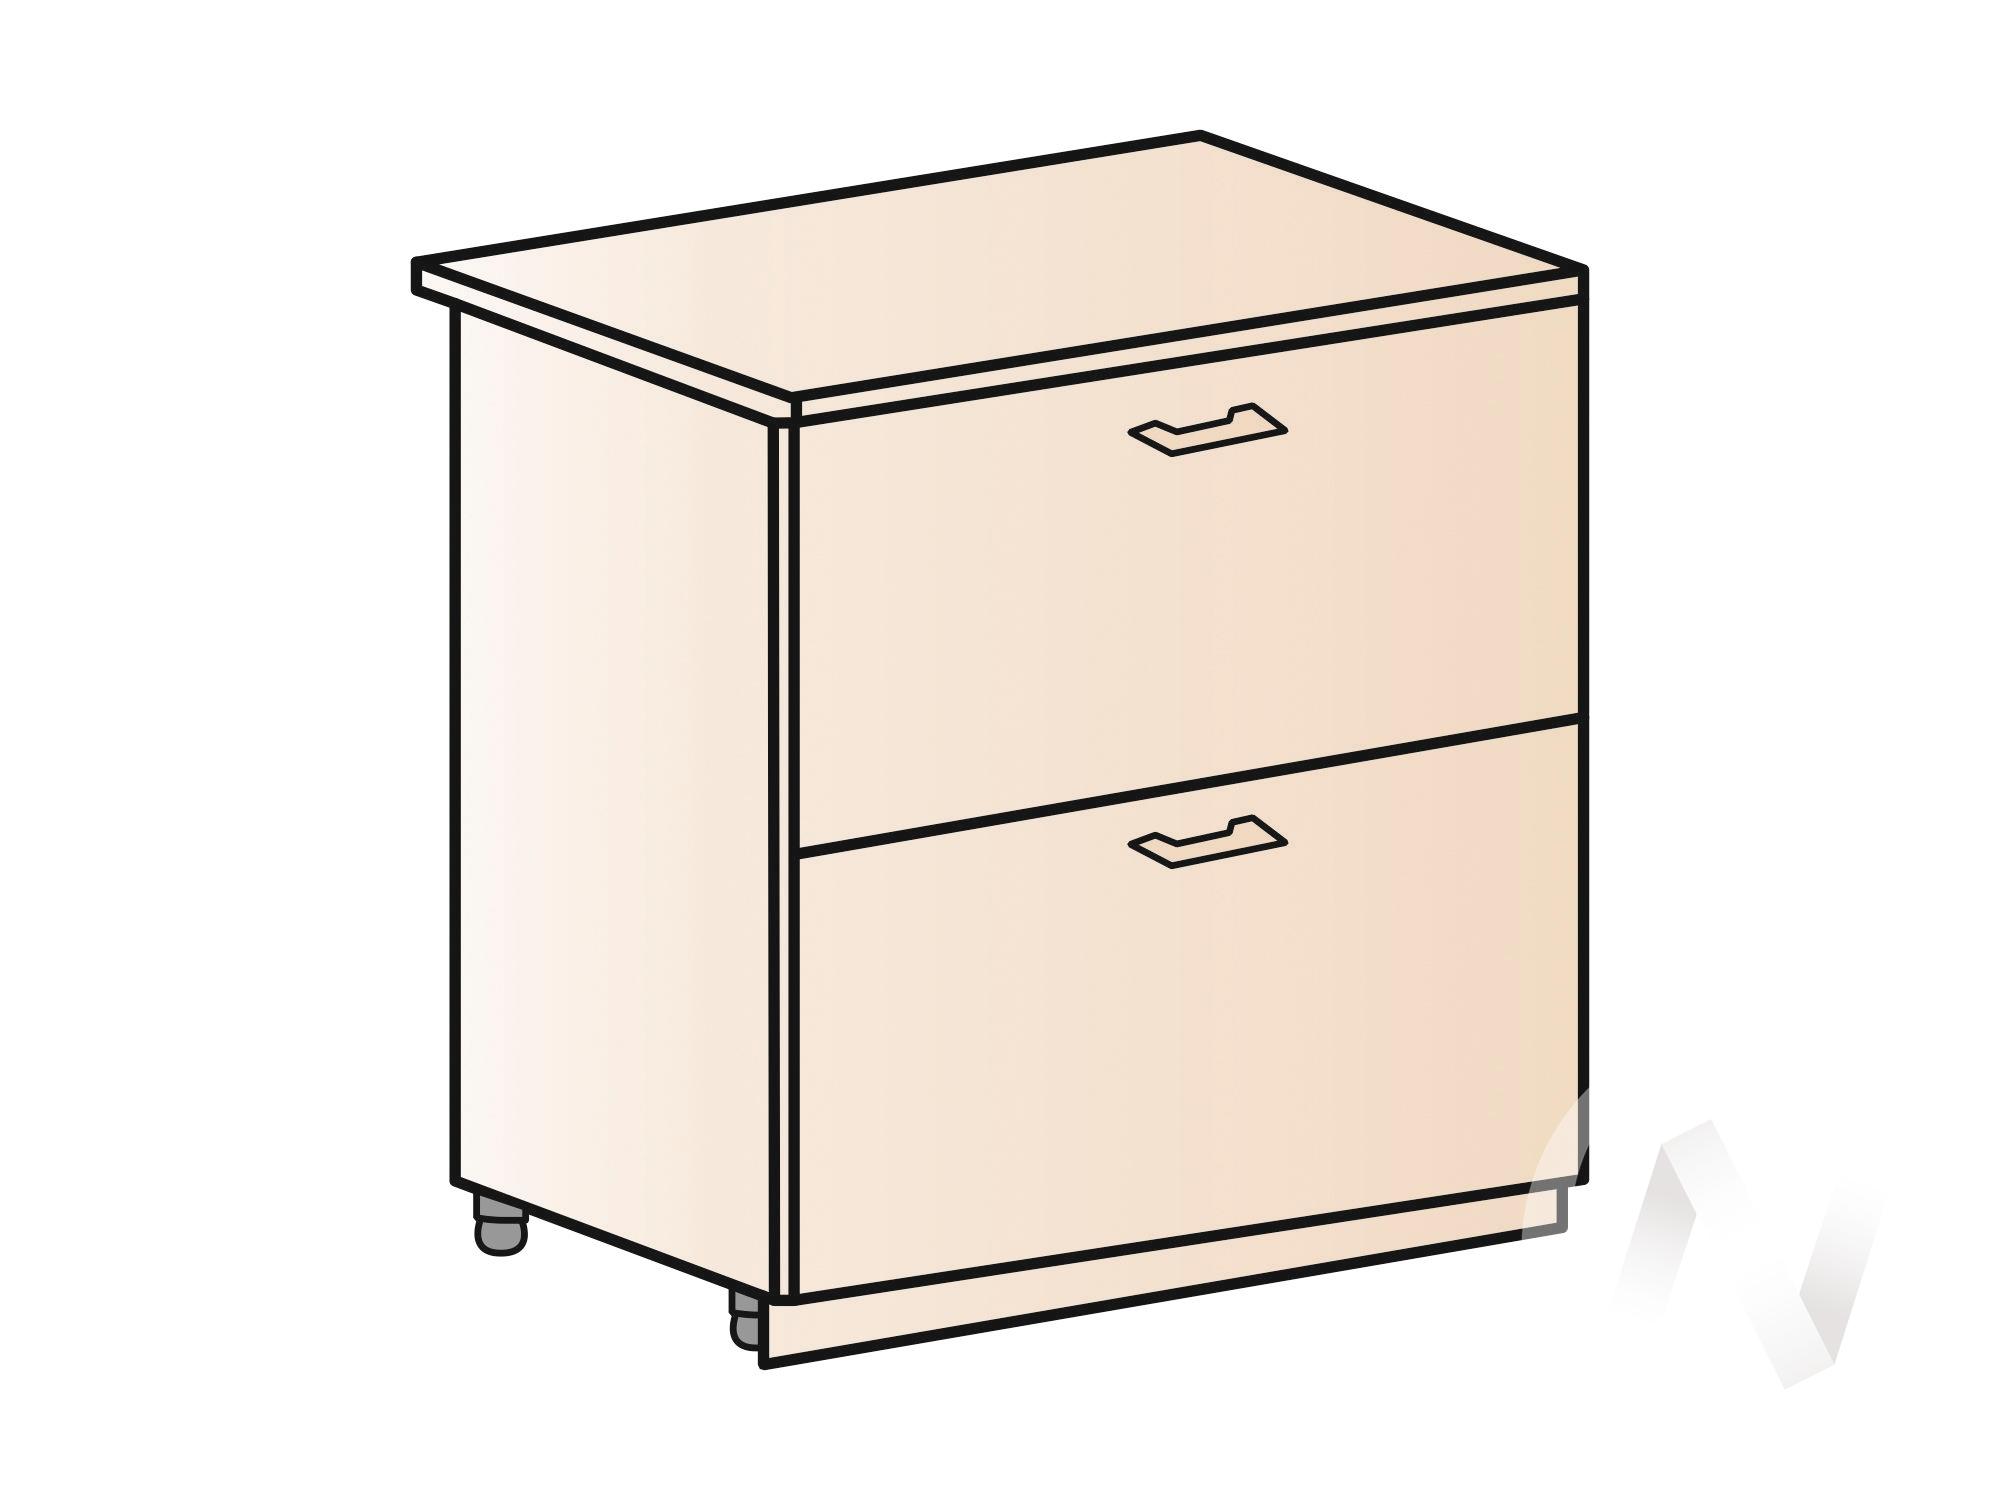 """Кухня """"Вена"""": Шкаф нижний с 2-мя ящиками 800, ШН2Я 800 (корпус белый) в Новосибирске в интернет-магазине мебели kuhnya54.ru"""